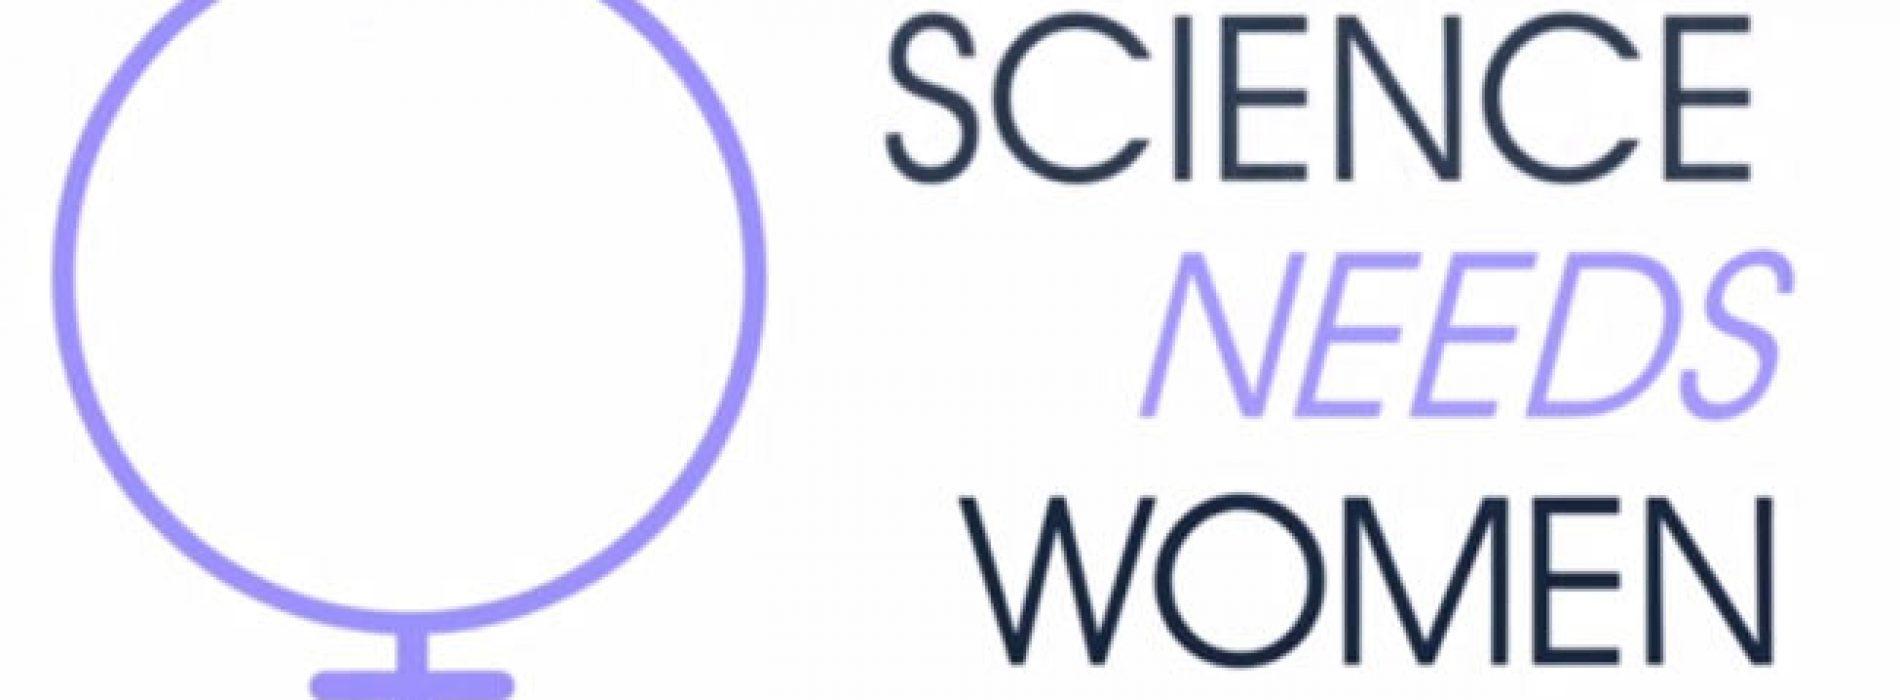 Manifiesto de apoyo a mujeres científicas